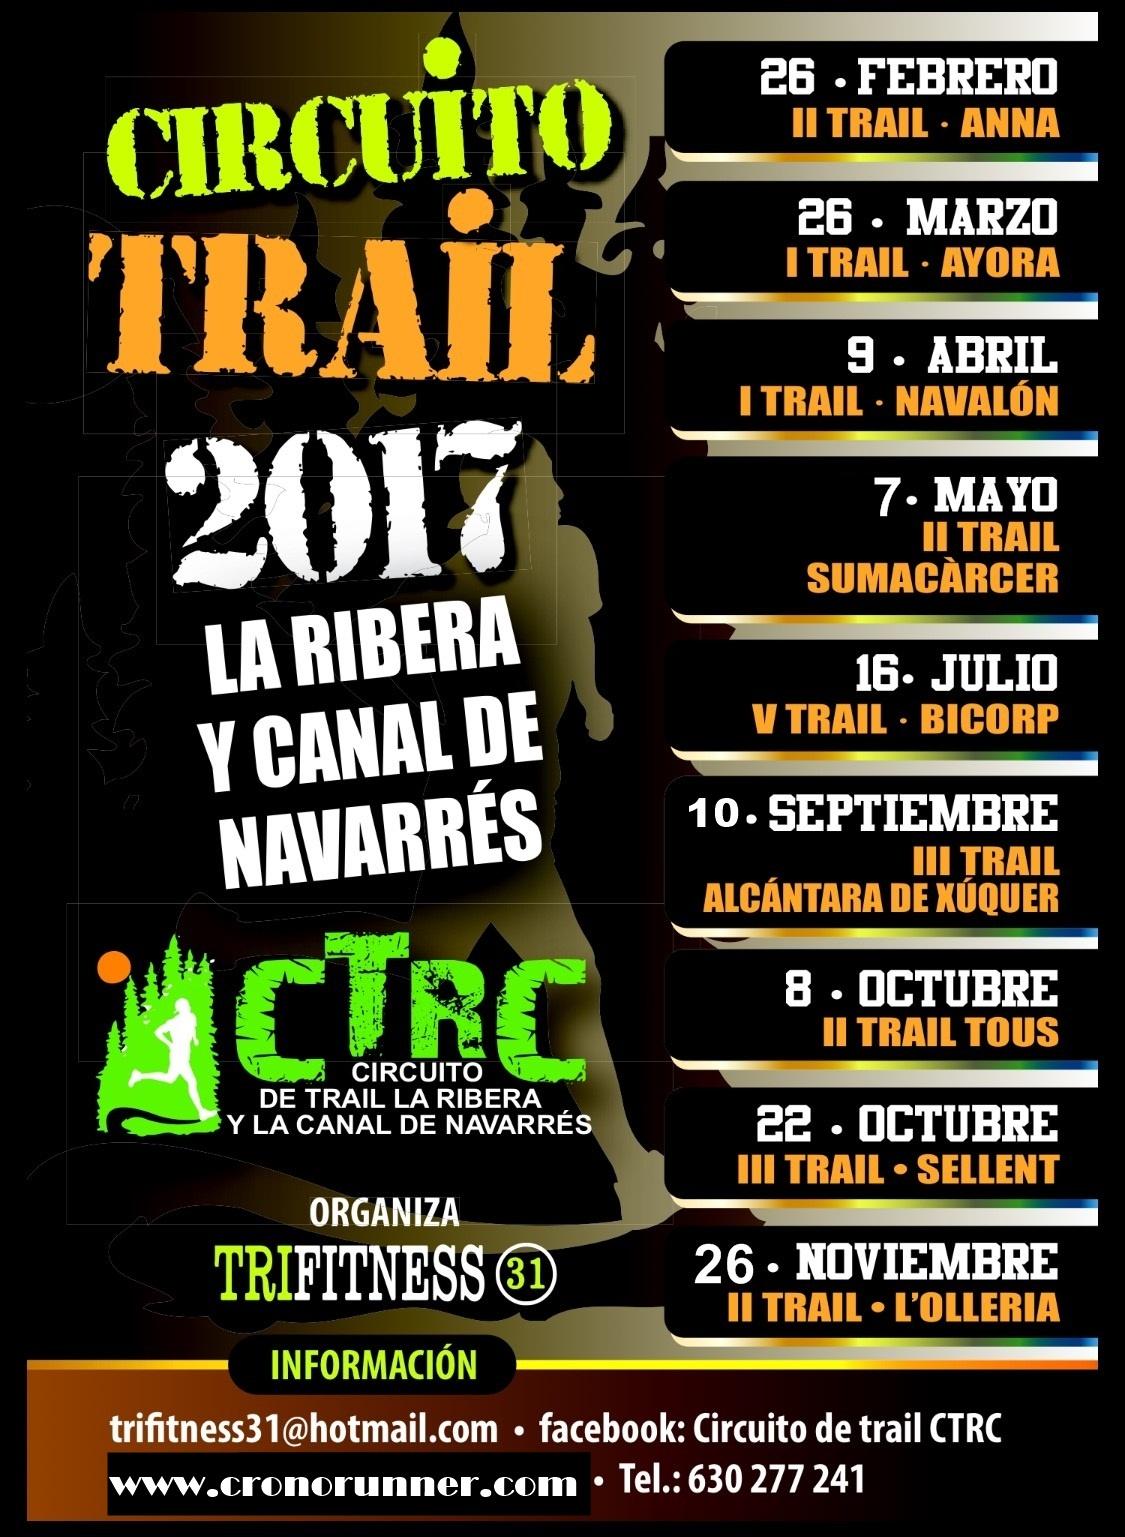 Circuito Ribera : Circuito trail ribera fotos y calendario de carreras